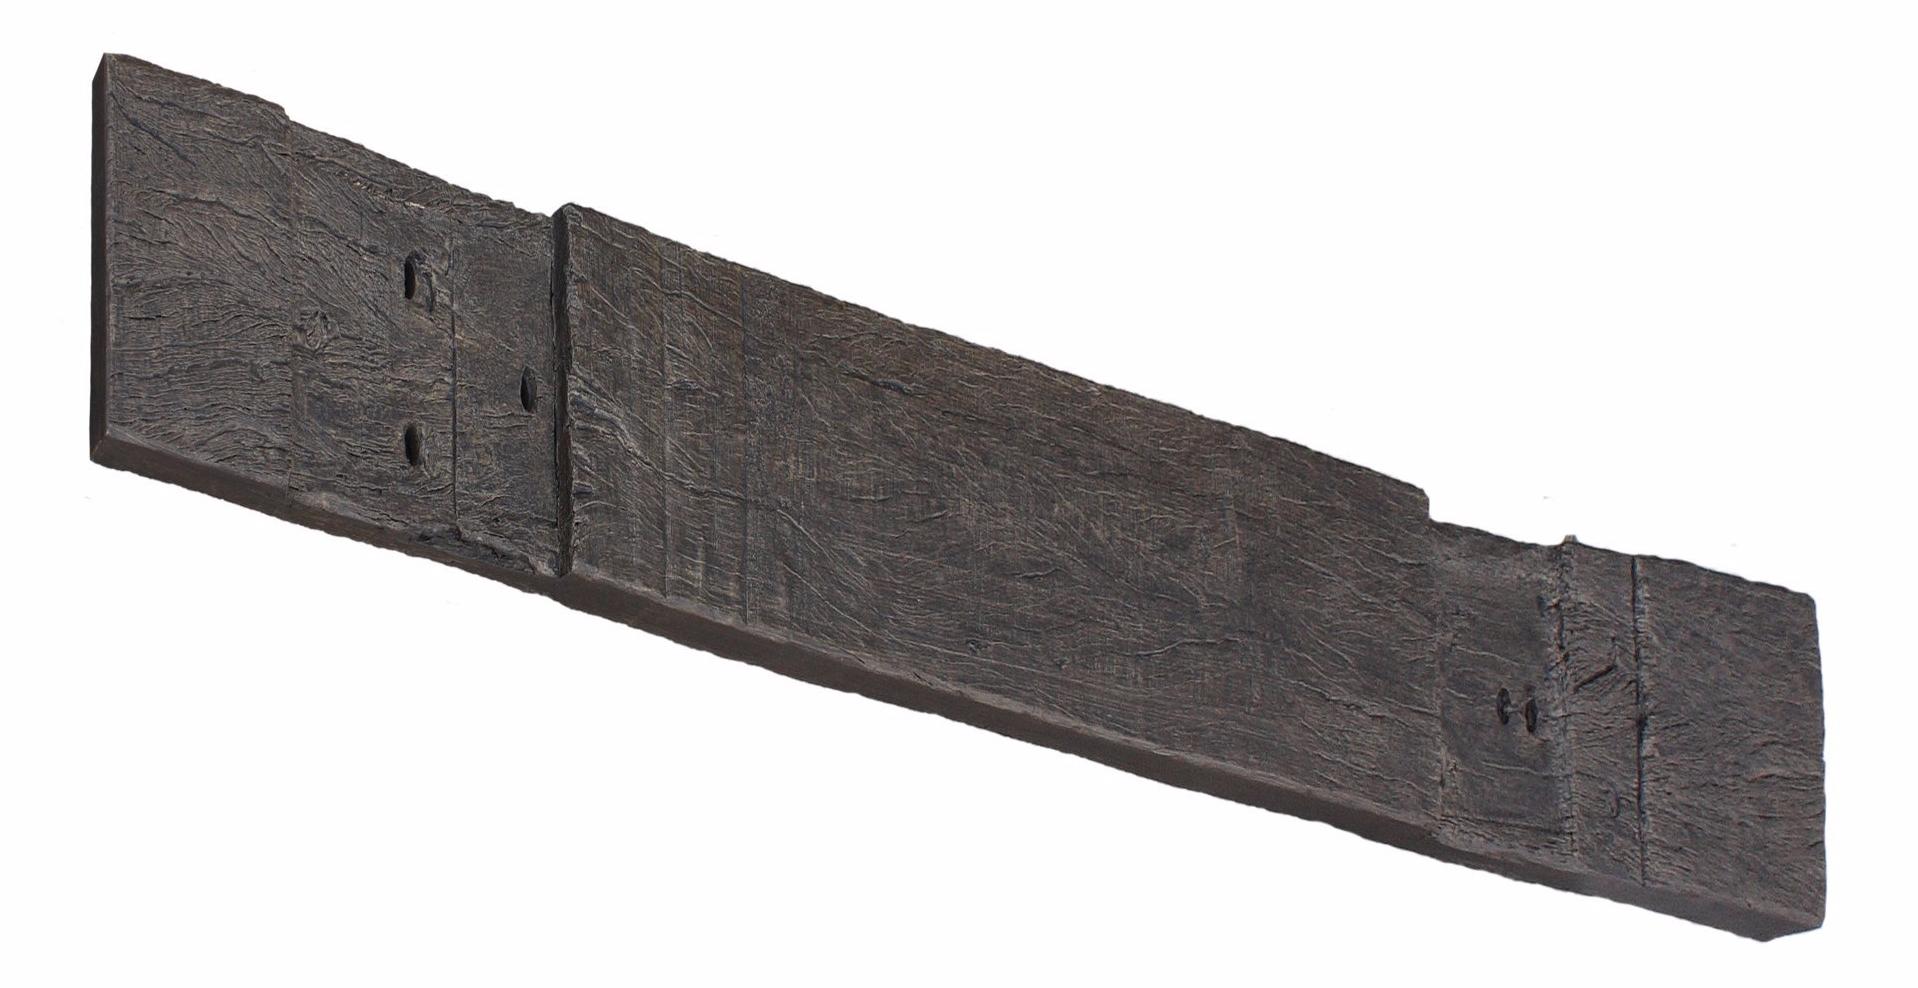 medidas 30cm de ancho x 2.5m de largo x 5cm de grosor